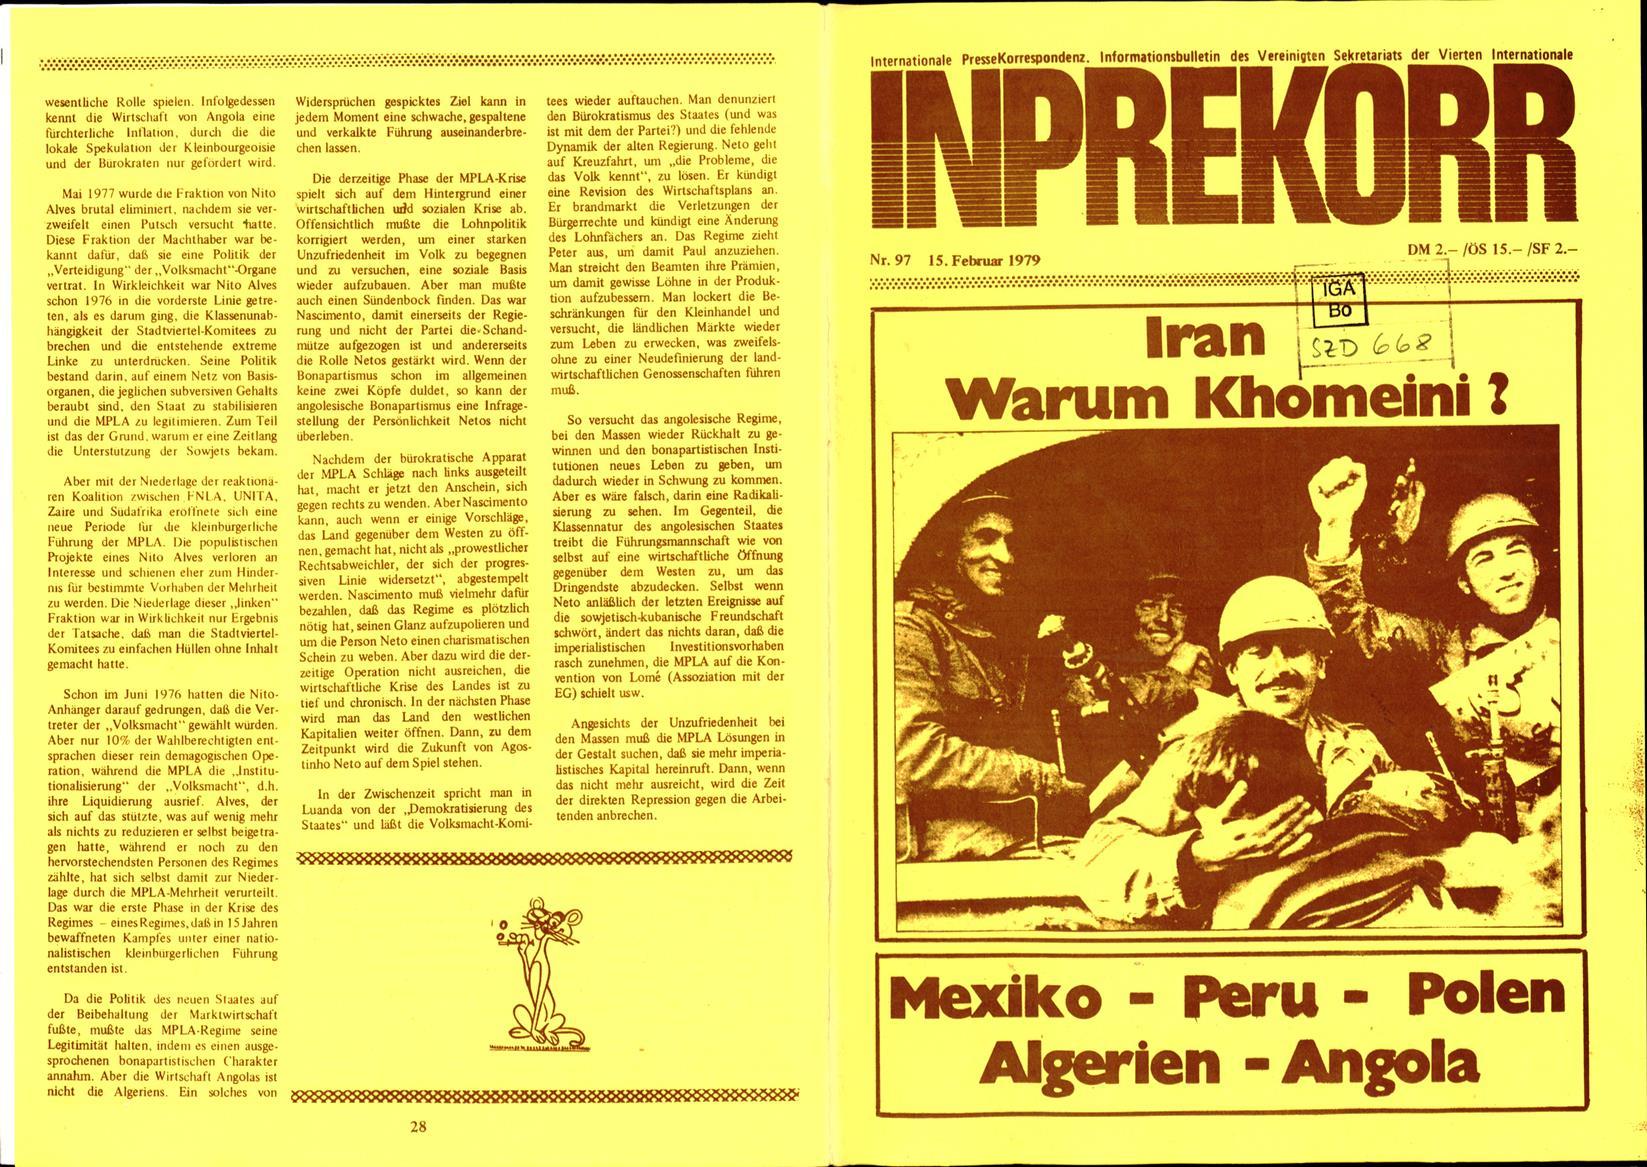 Inprekorr_19790215_097_001